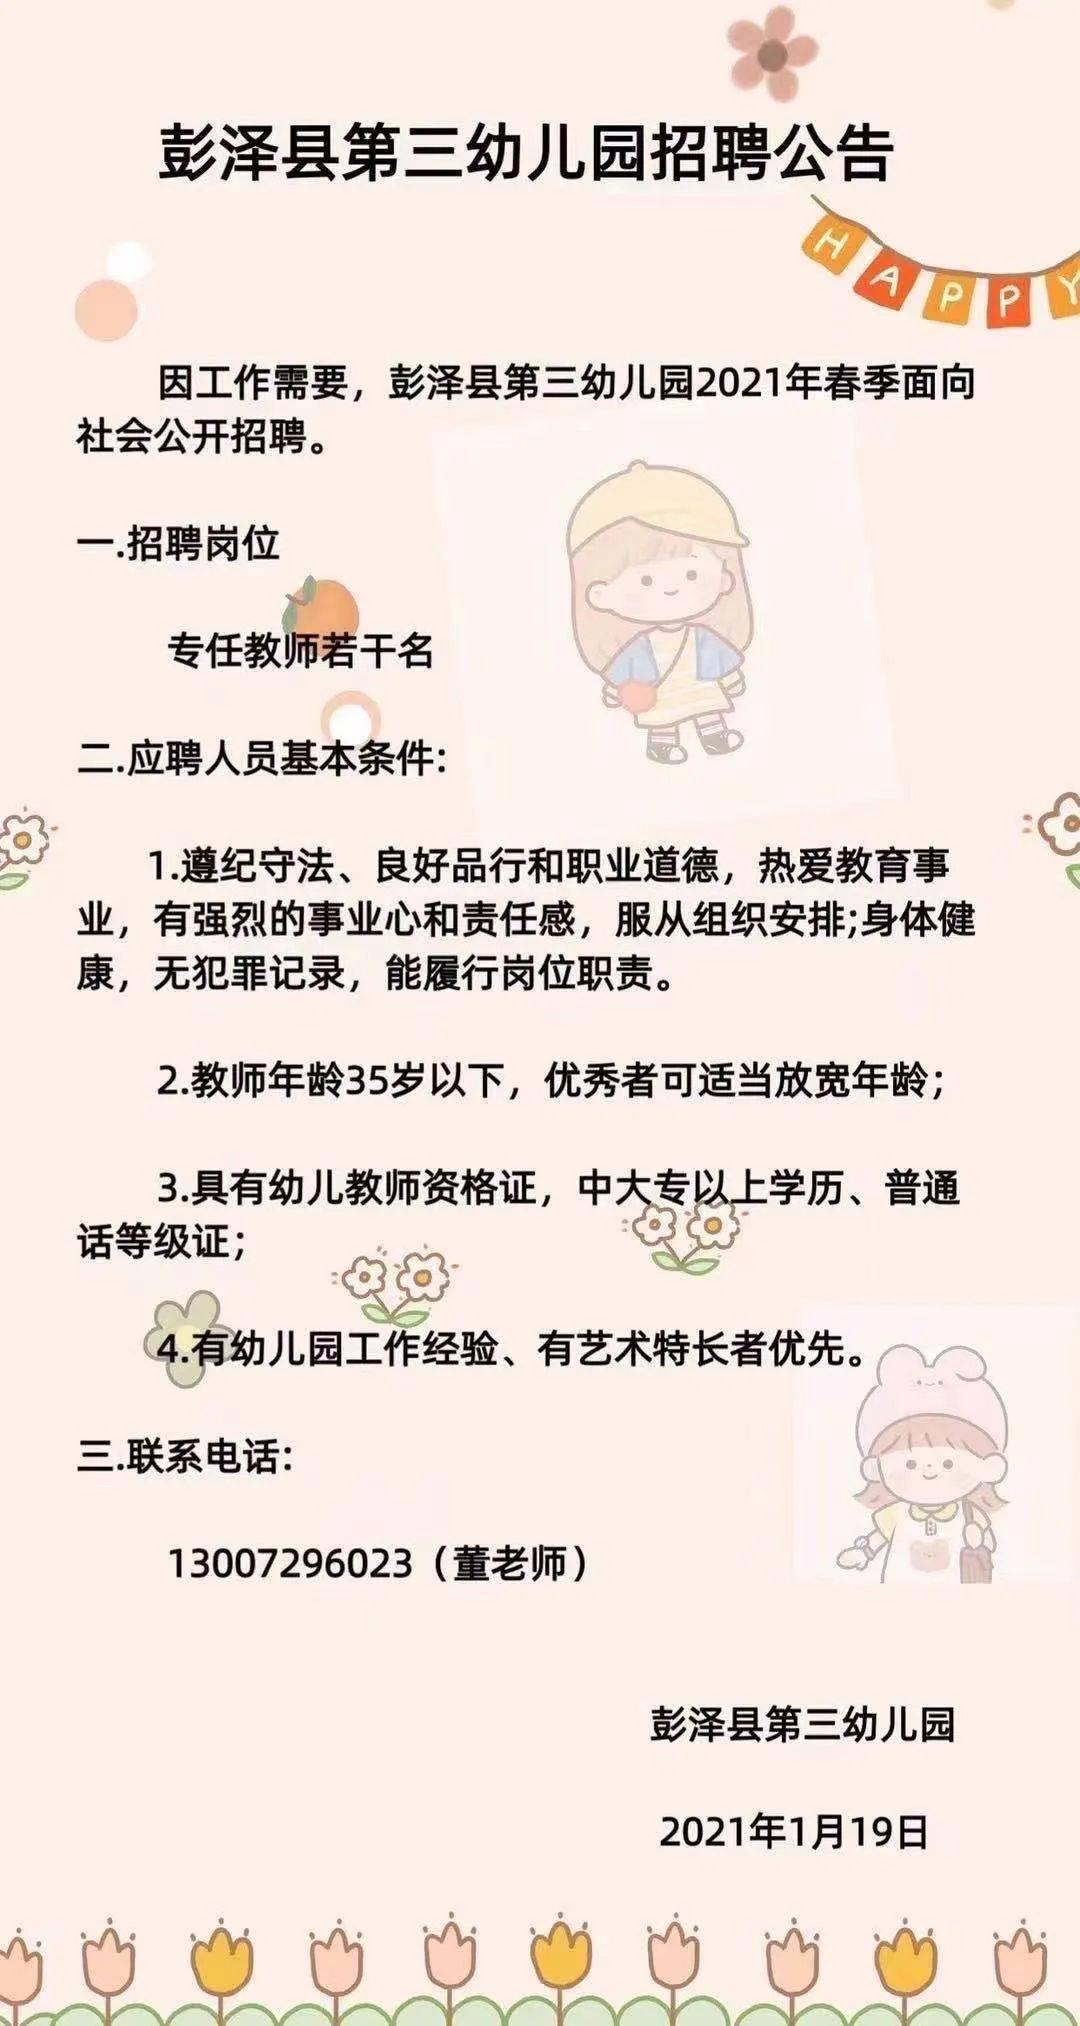 彭泽县第三幼儿园招聘公告